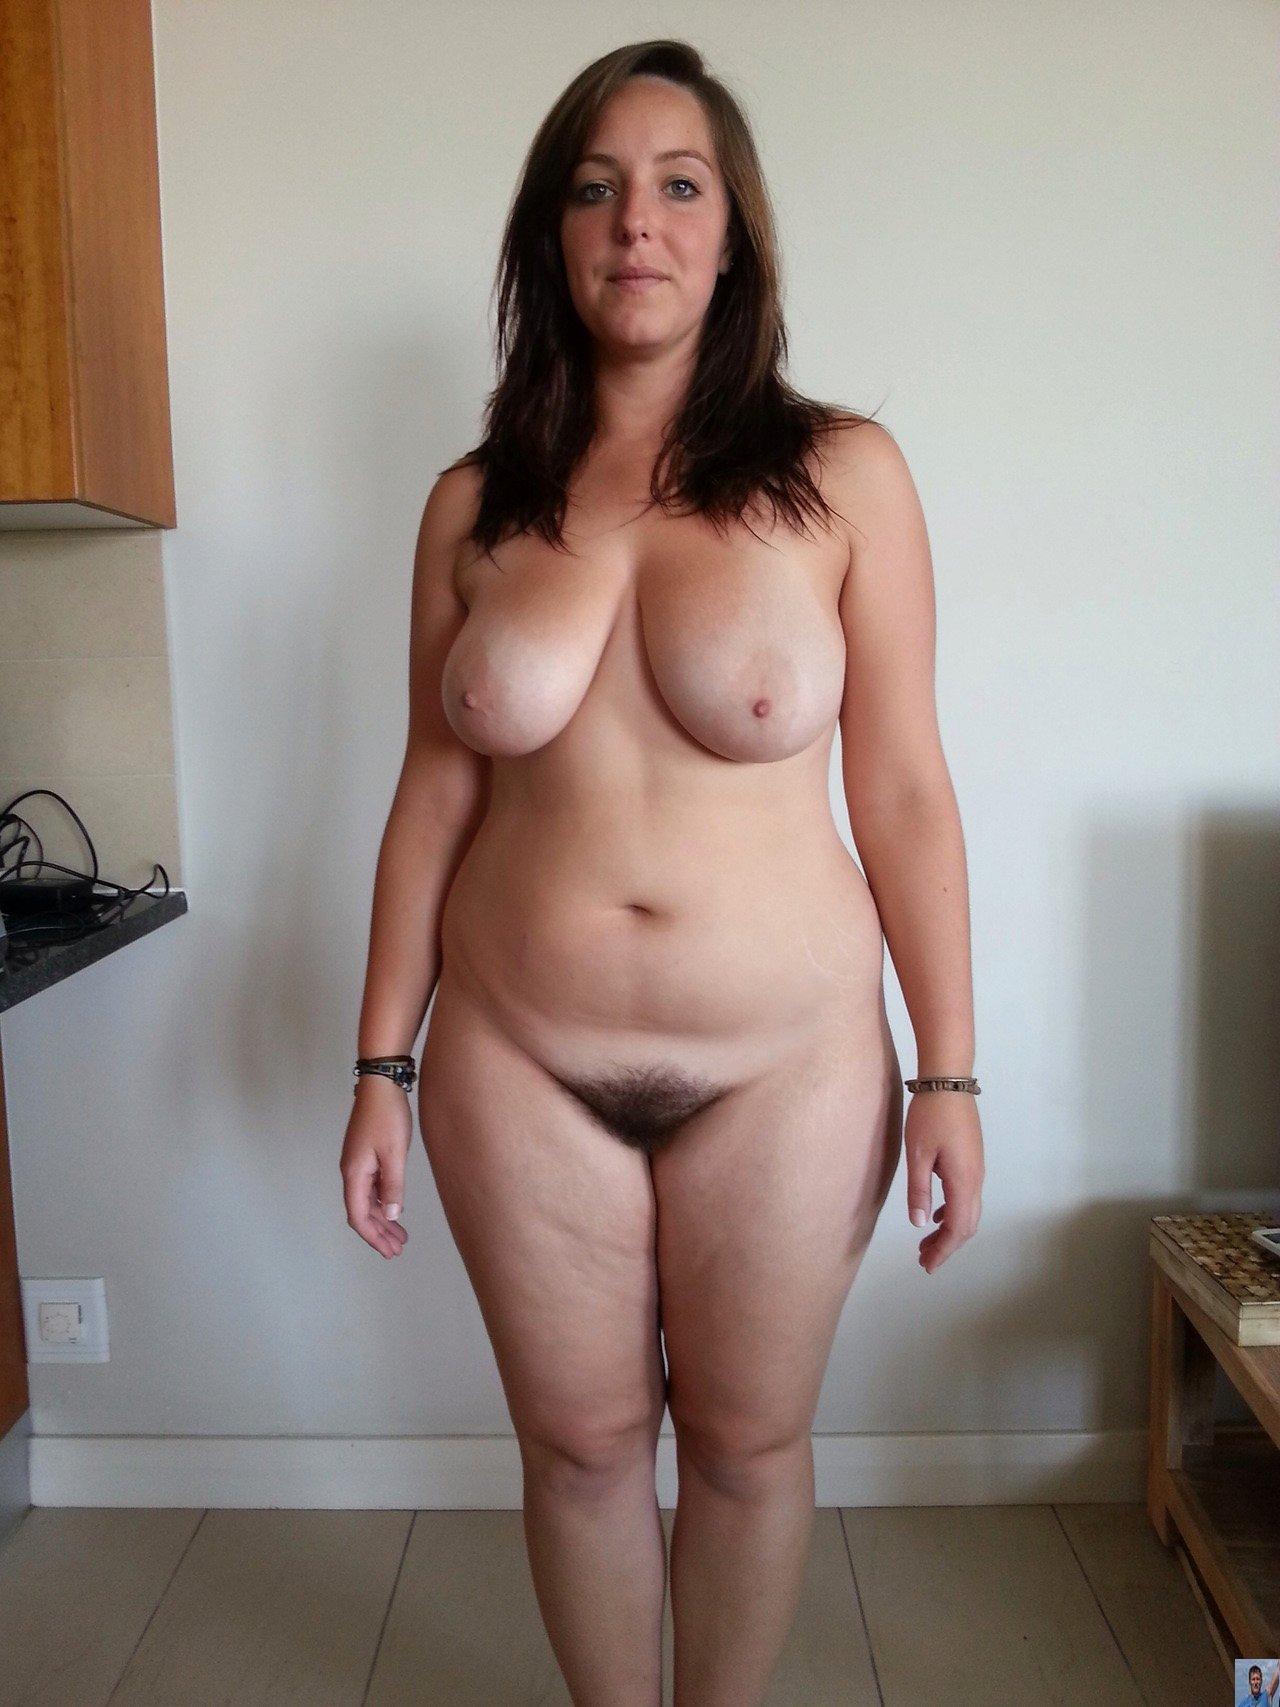 teresa may hot naked